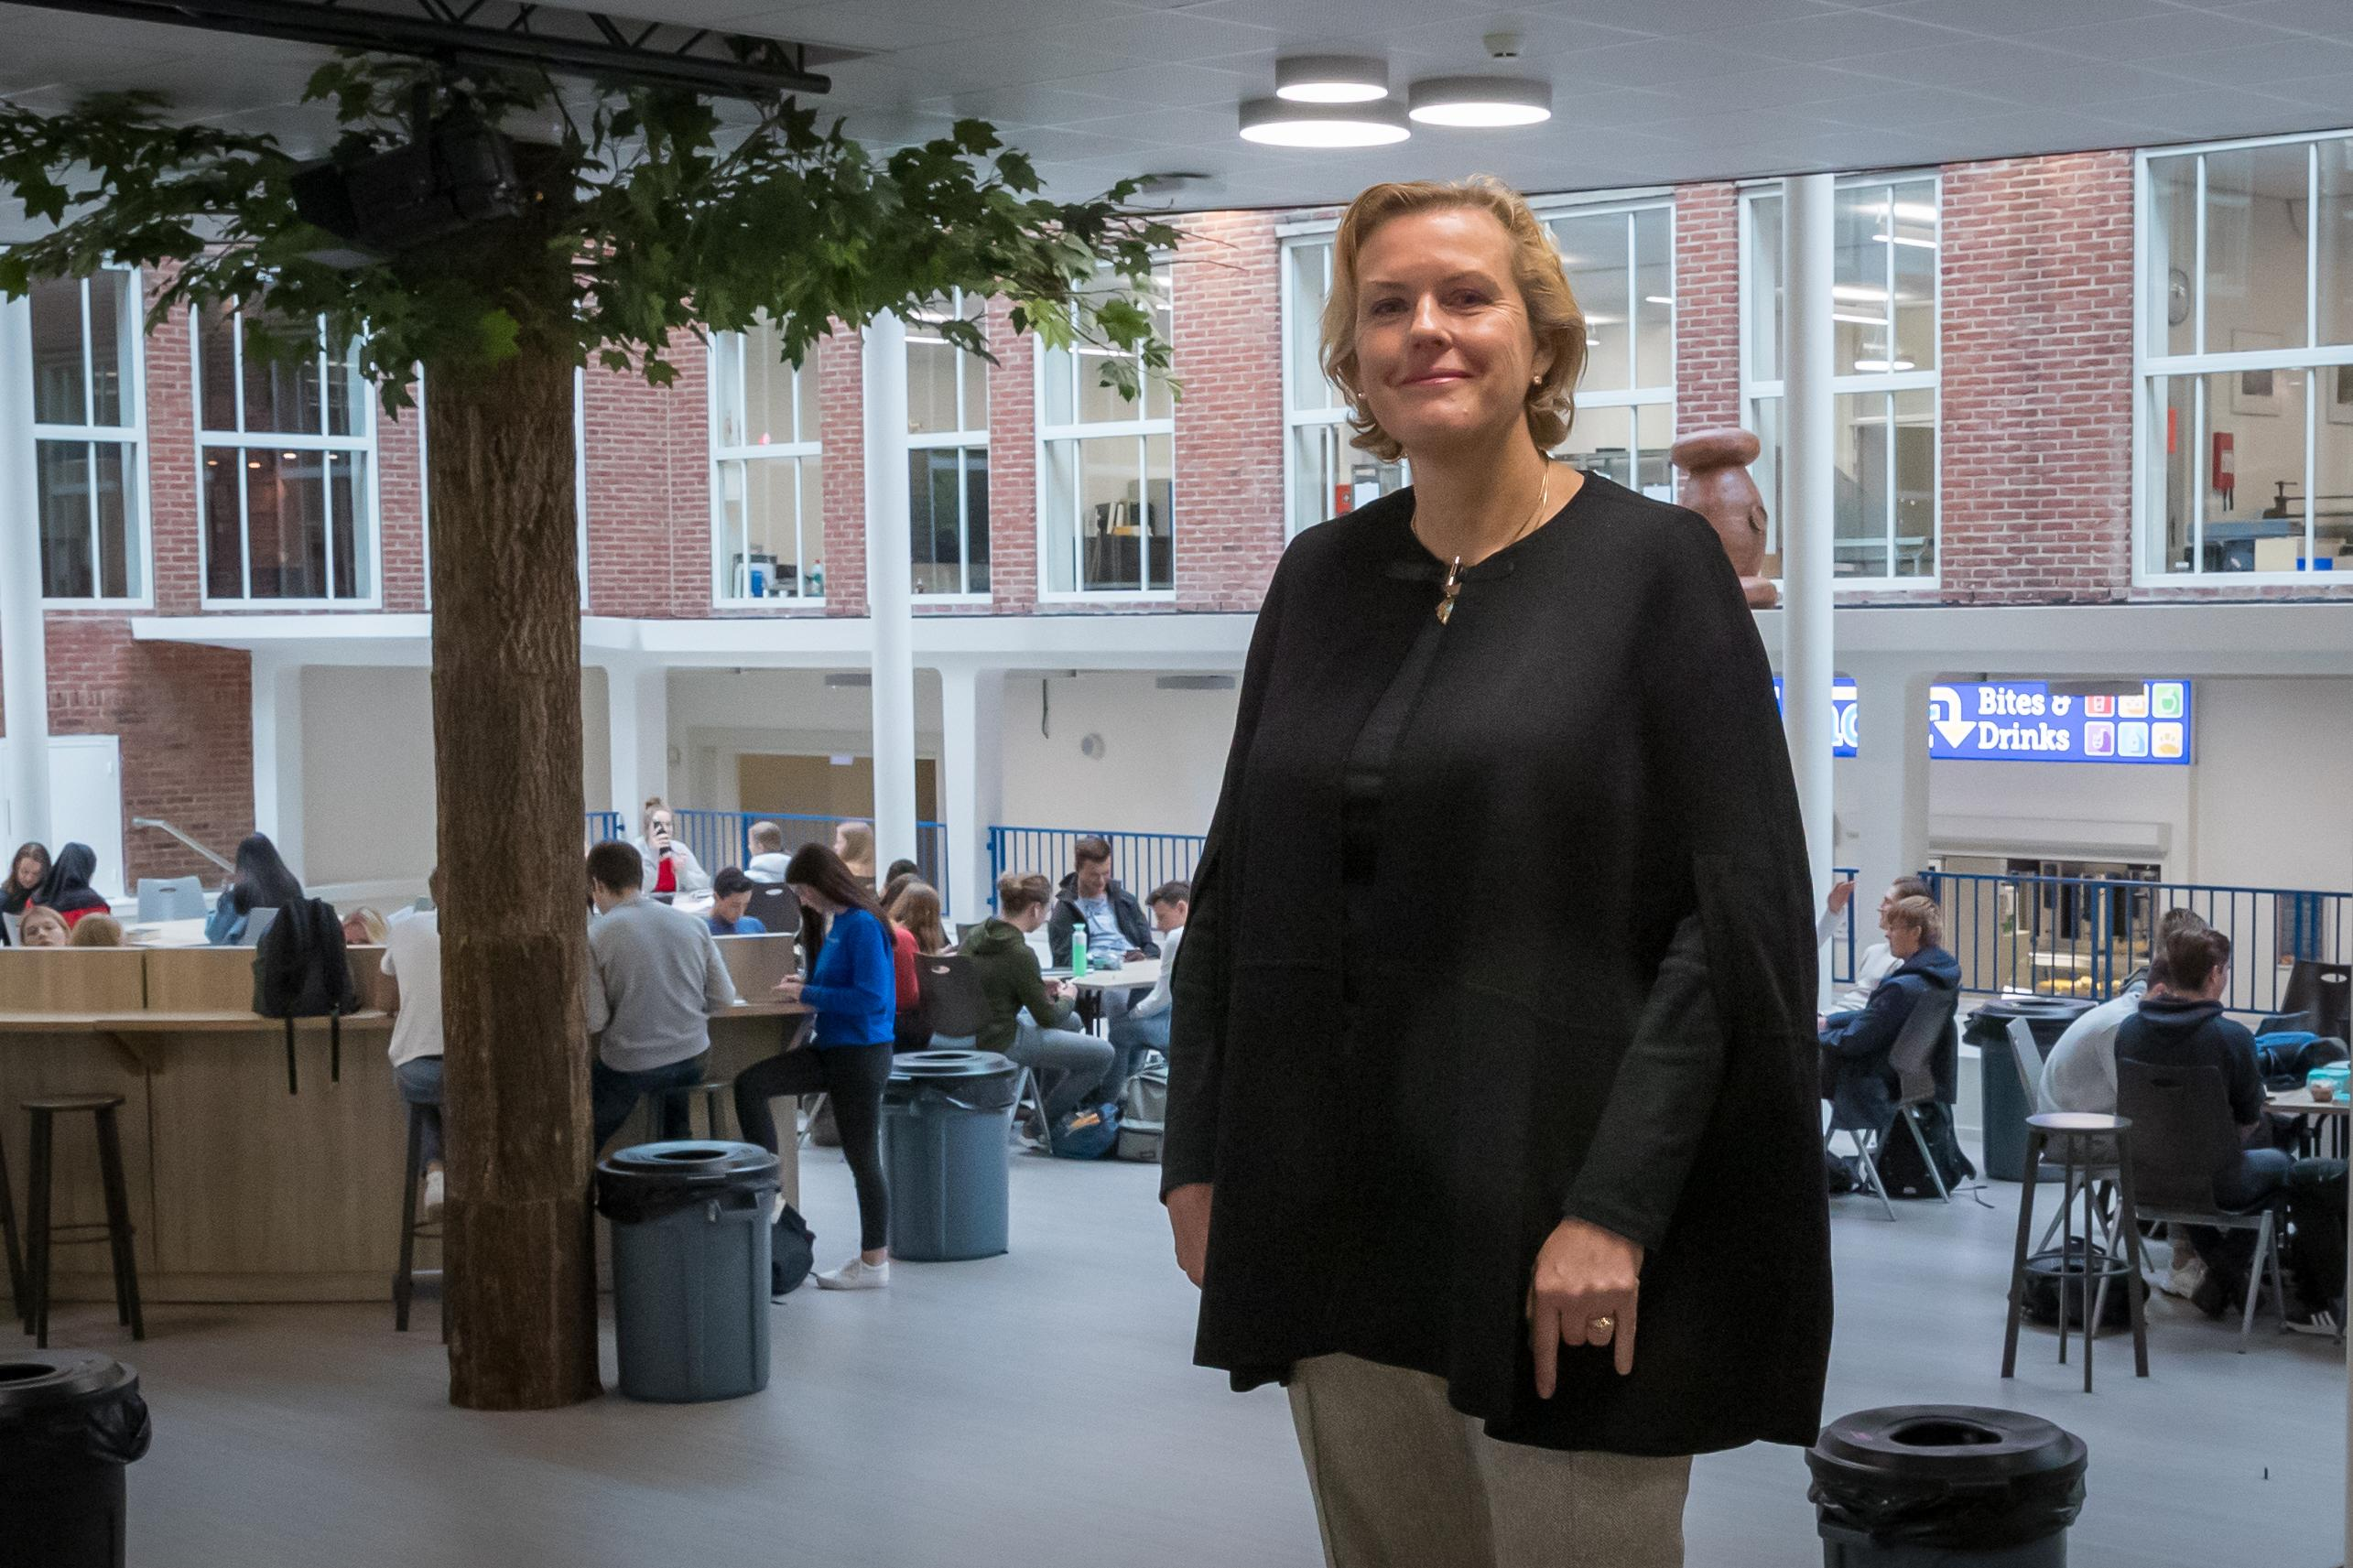 Jannetje ter Punt, nieuwe rector Werenfridus, gelooft niet in corona-achterstand: bij thuisonderwijs pakken leerlingen zelf de regie